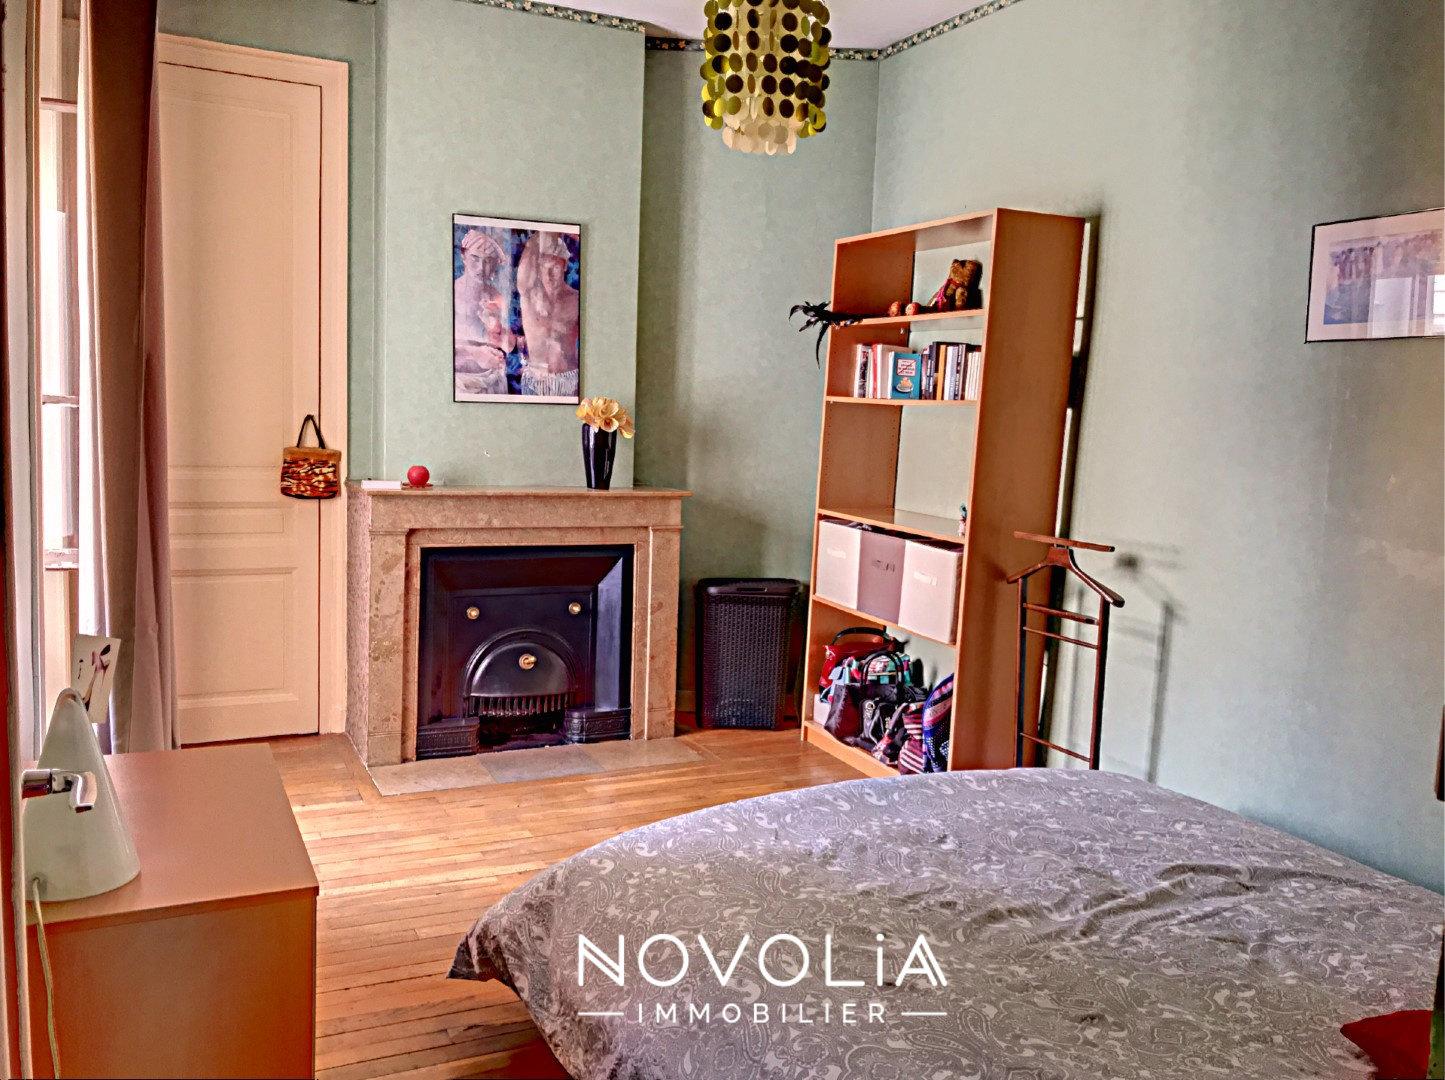 Achat Appartement, Surface de 74.1 m²/ Total carrez : 74.1 m², 3 pièces, Villeurbanne (69100)